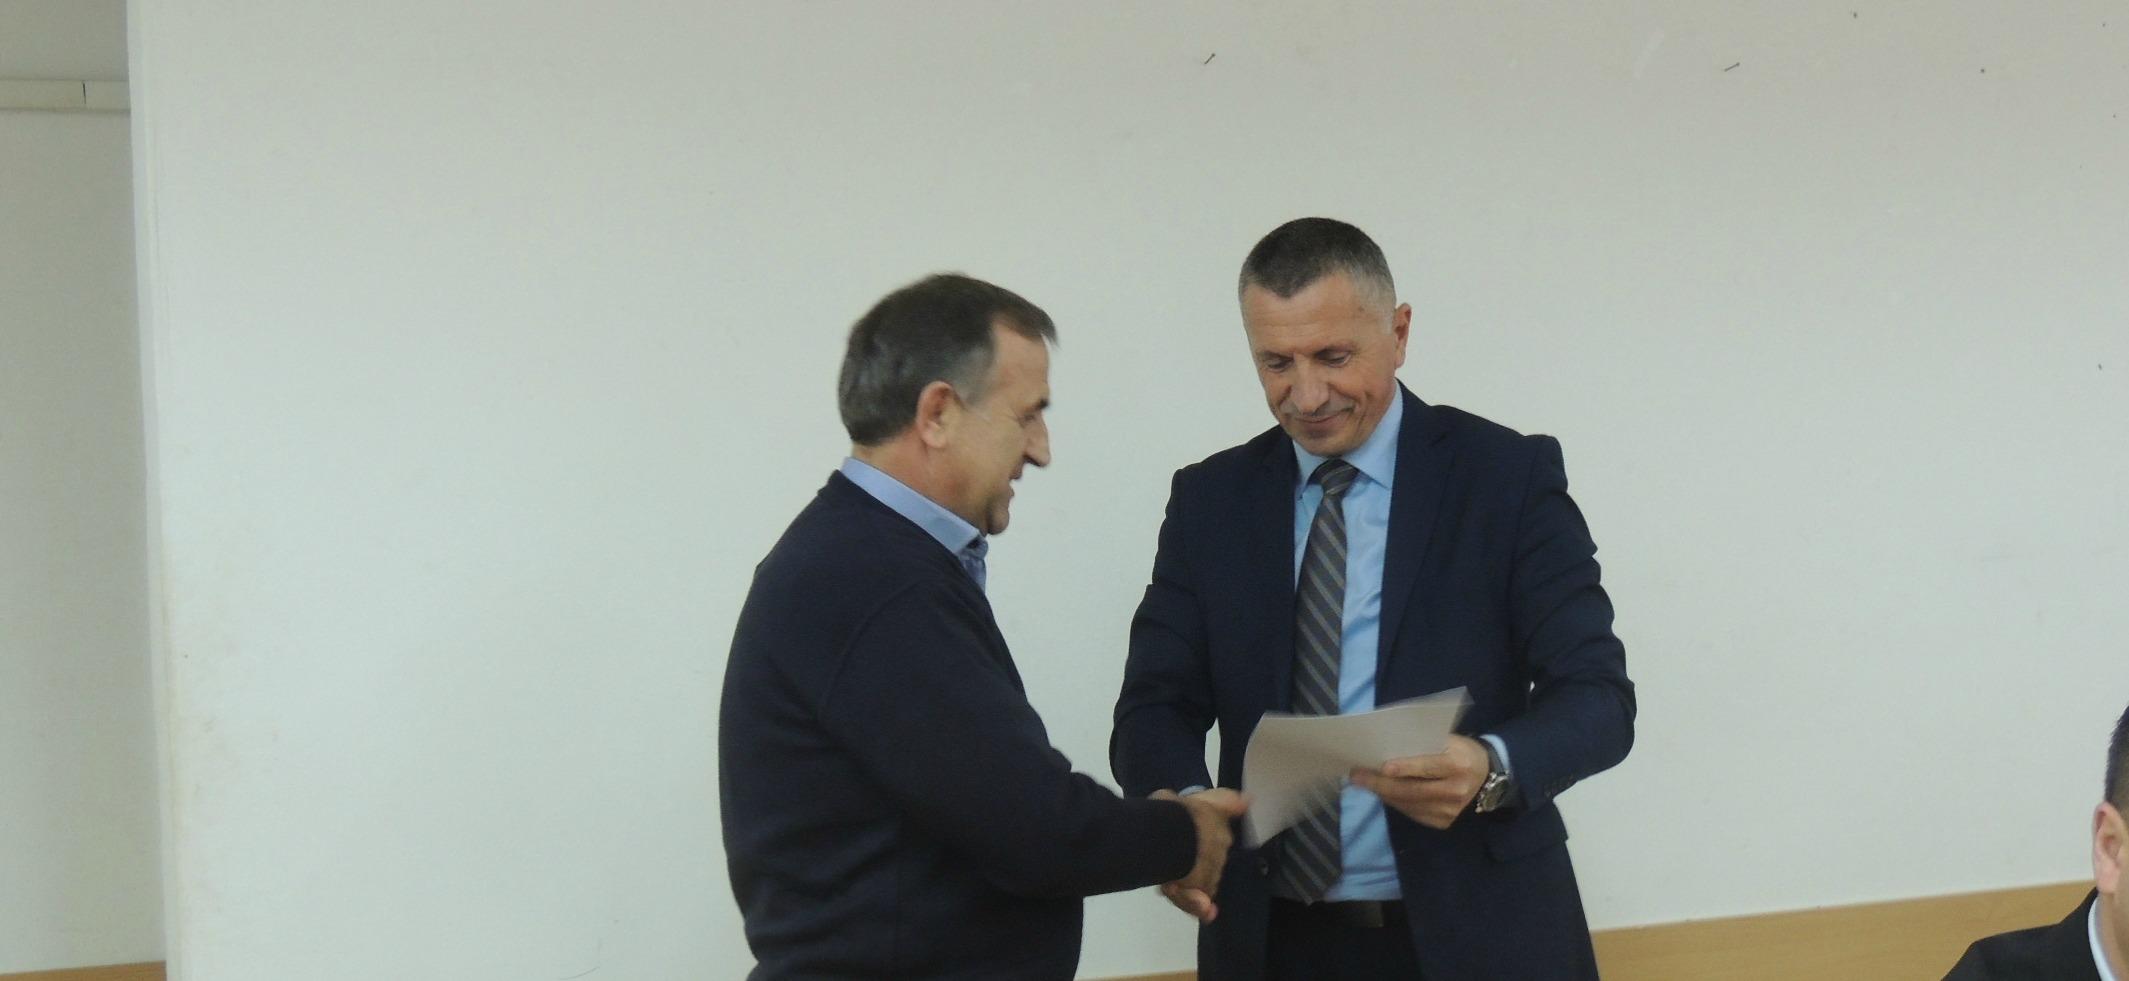 Bujanoc: Bizneseve lokale i dorëzohen kontratat për subvensionim nga Trupi Koordinues